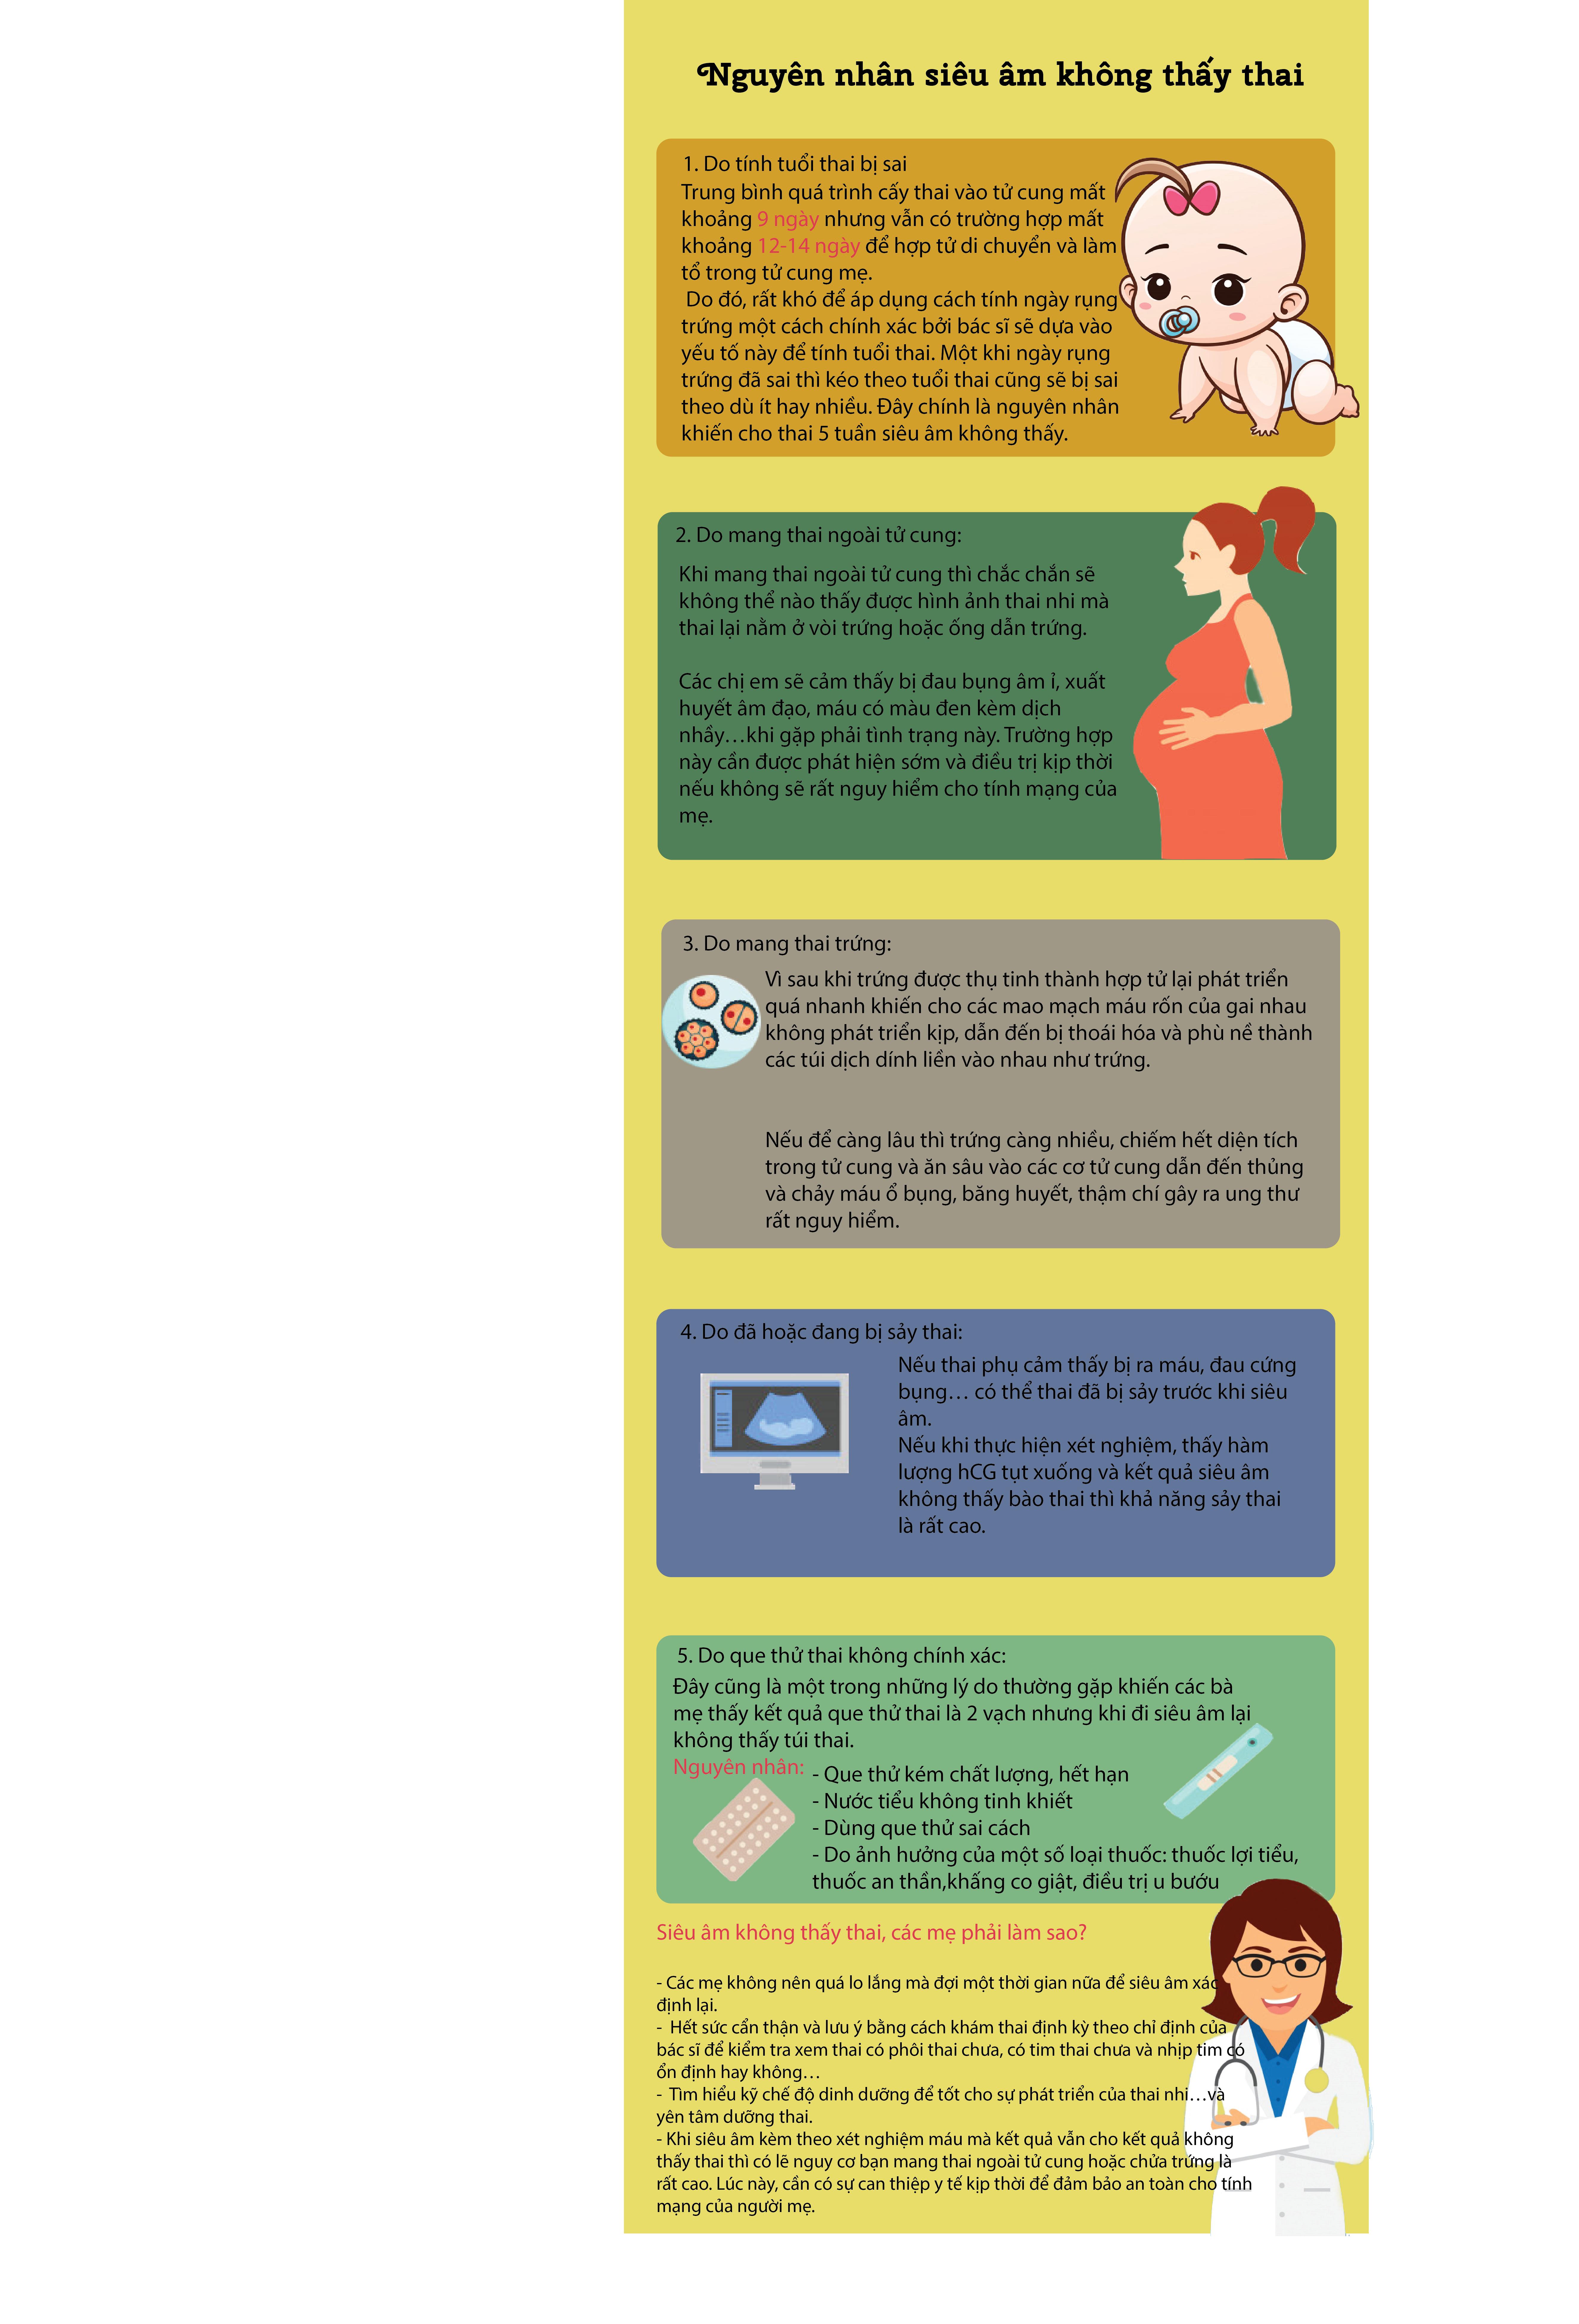 nguyên nhân siêu âm không  thấy thai